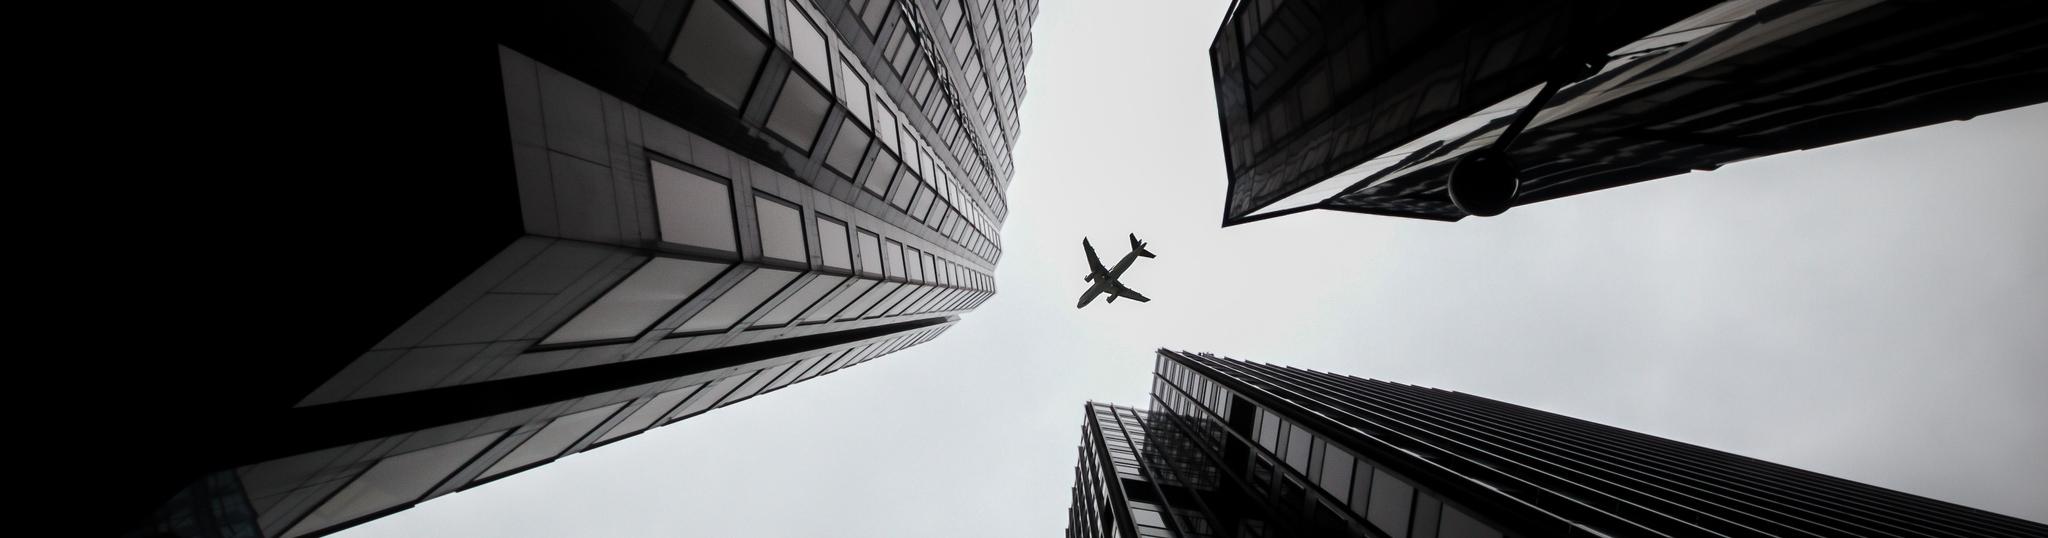 PlaneBuildings-205441-edited